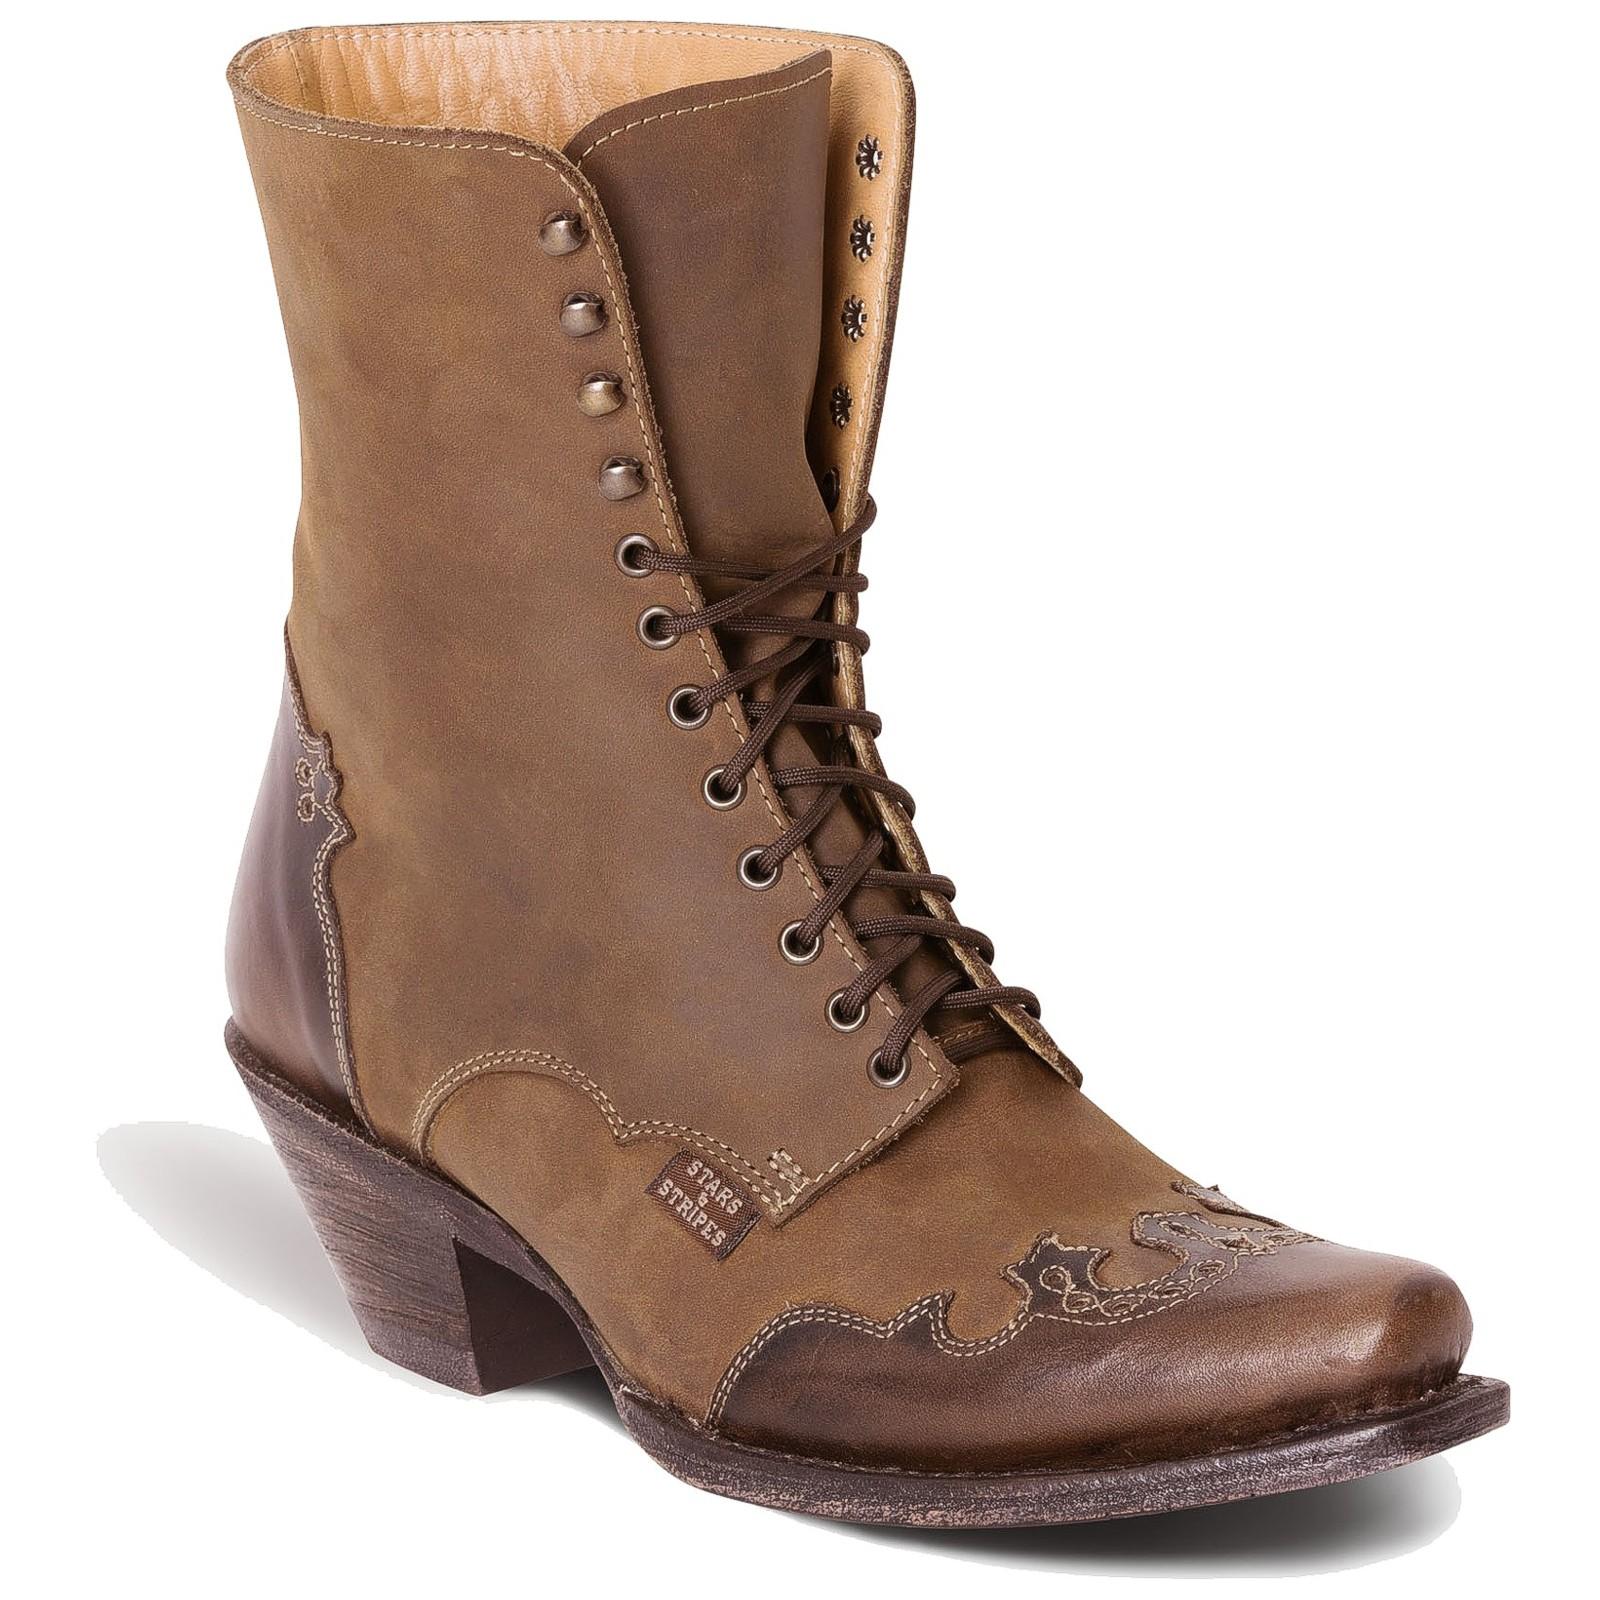 Stars & Stripes Damen Stiefel Western Boots »WBL-31« Braun